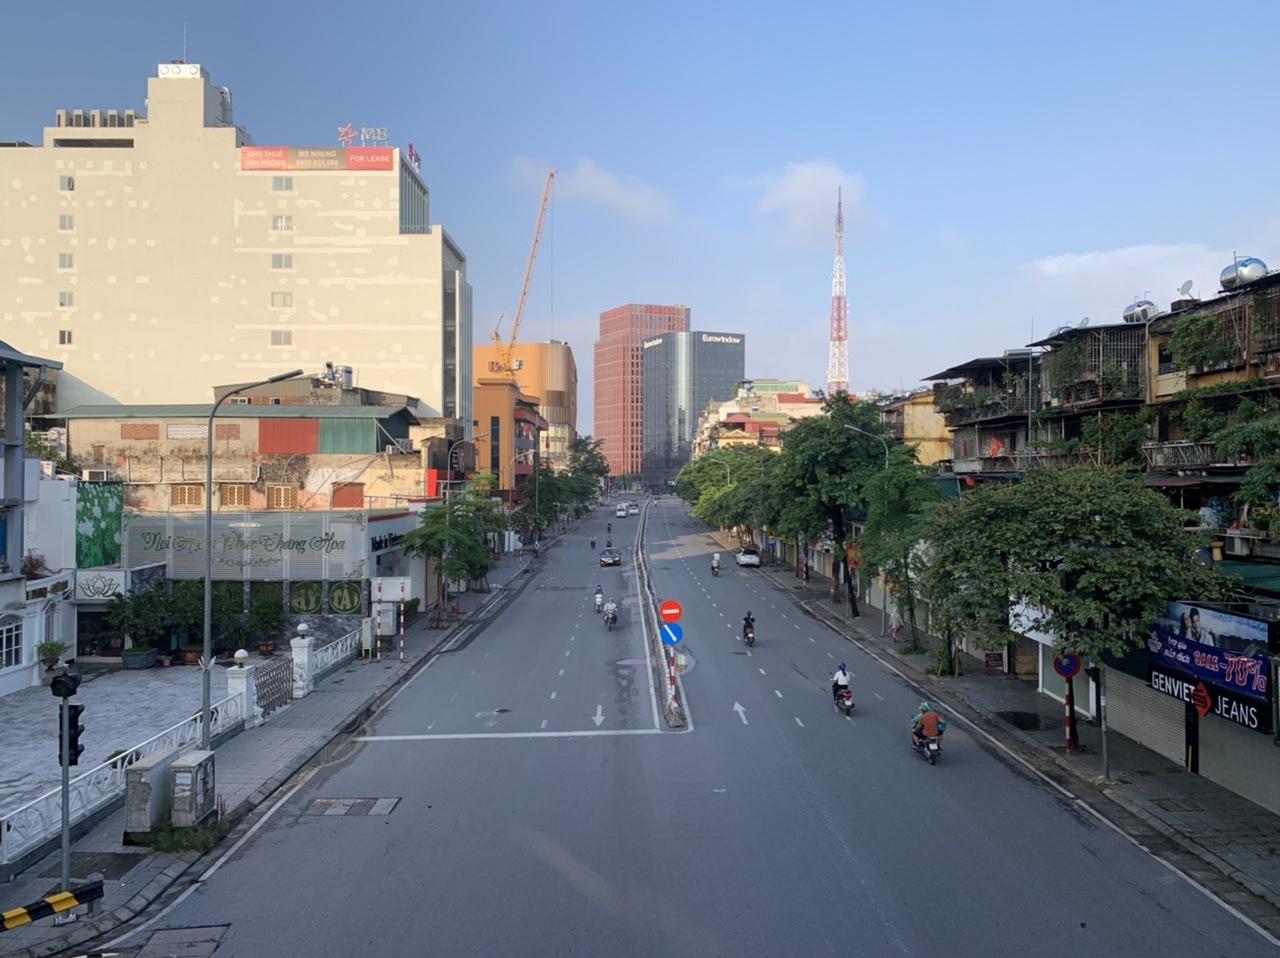 UBND TPHCM chỉ đạo tiếp tục kéo dài thời gian thực hiện giấy đi đường của Công an TPHCM đã cấp trong thời gian giãn cách xã hội đến hết ngày 15/9